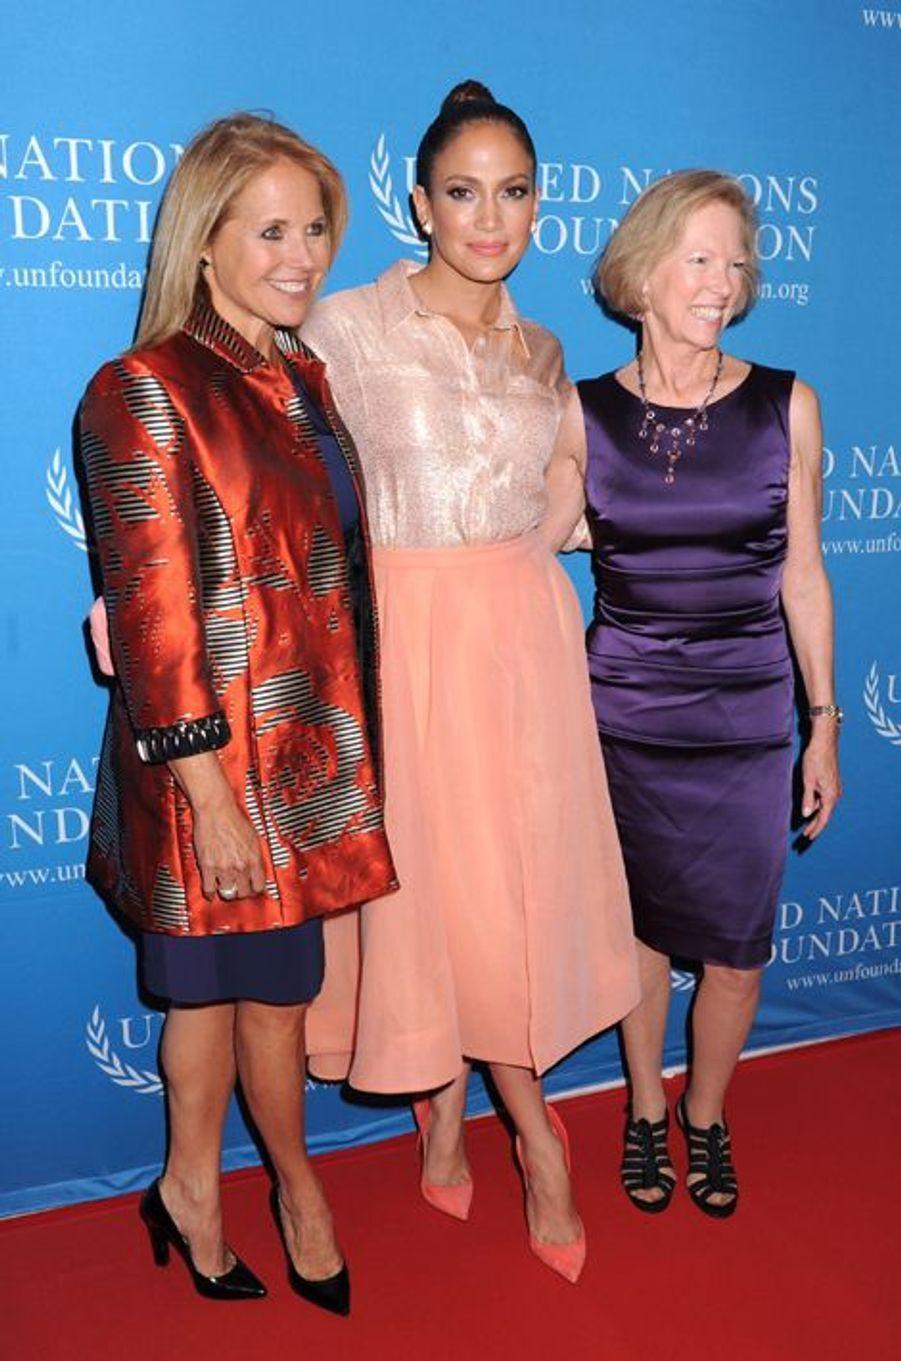 La journaliste Katie Couric (G), Jennifer Lopez (C) et Kathy Calvin, la présidente de la Fondation des Nations Unies.